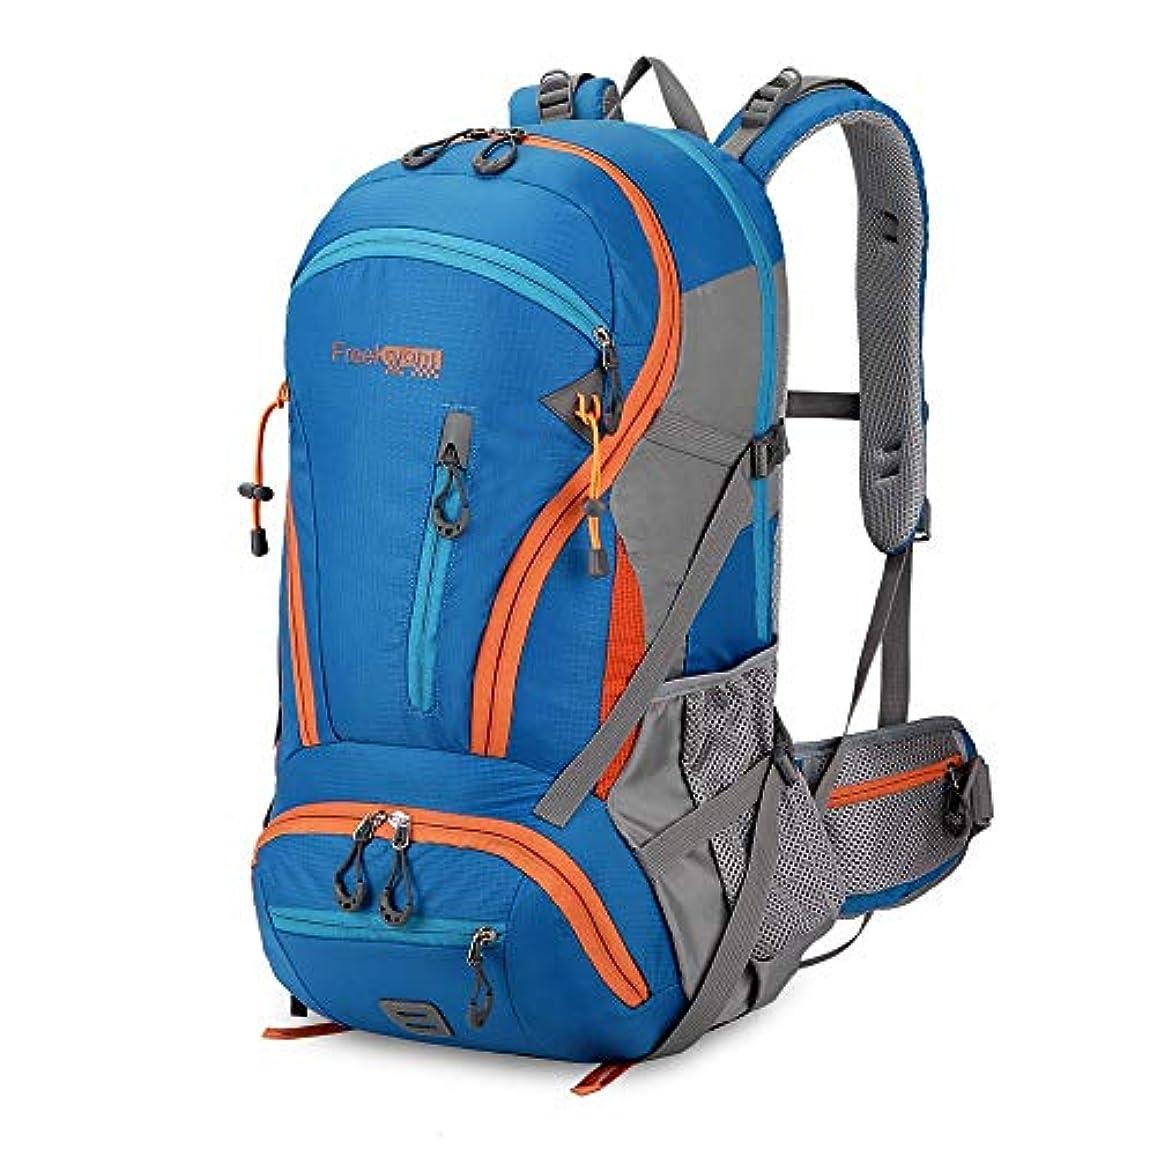 教育者骨の折れるありがたいアウトドアリュックサックキャンプハイキングバックパックトレッキング45リットルパープル防水スポーツバッグバックパックバッグ登山旅行リュックサック (Color : Blue)